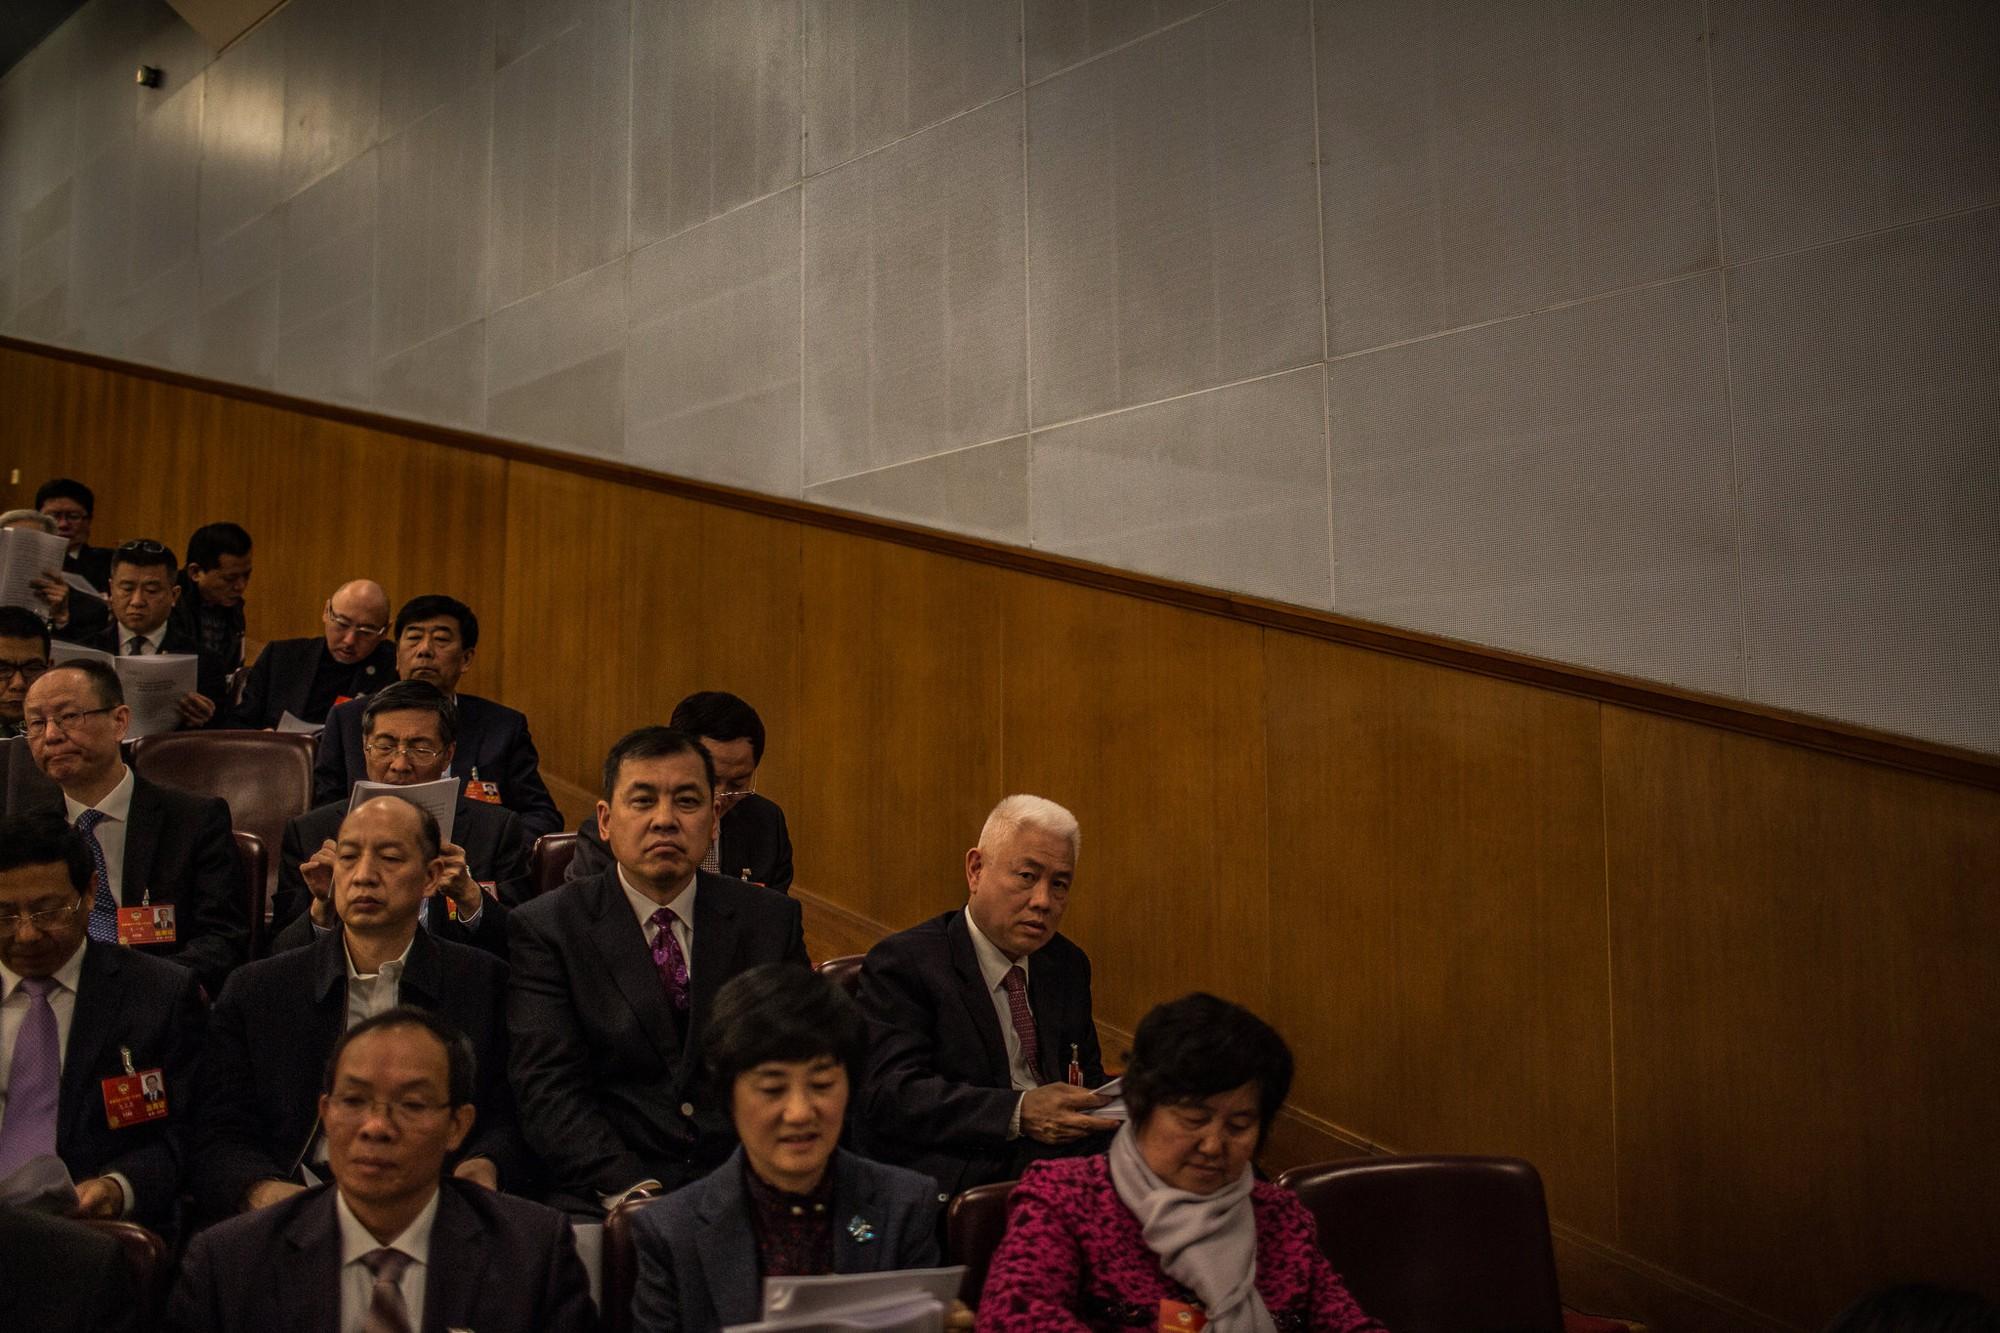 Đất nước thất bại trong việc thất bại (P2): Sự trỗi dậy của Trung Quốc được nâng bước bởi kẻ thù ra sao? - Ảnh 6.